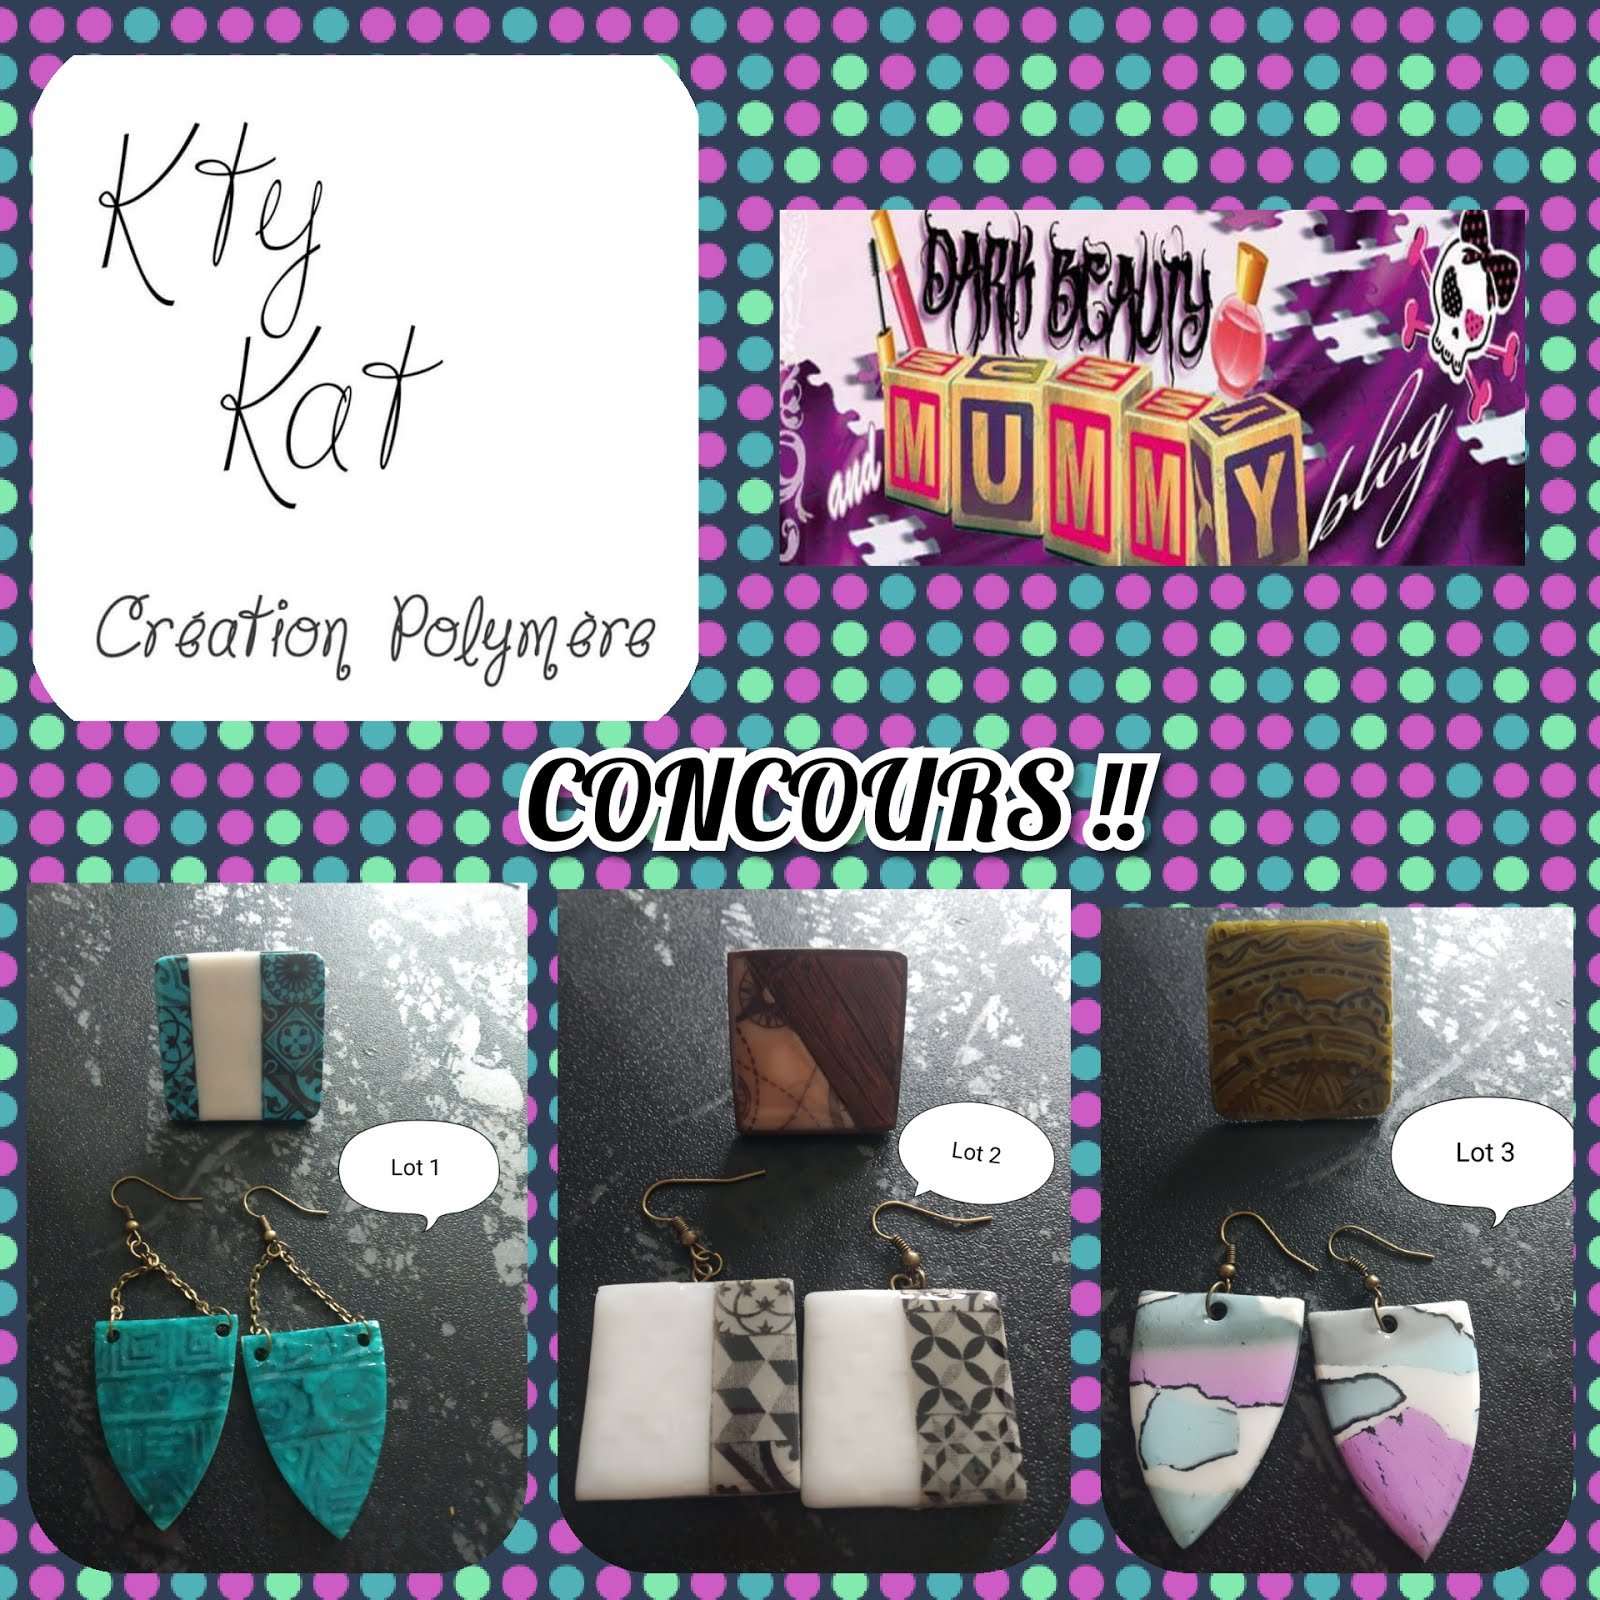 Concours en partenariat avec Kty'Kat créations